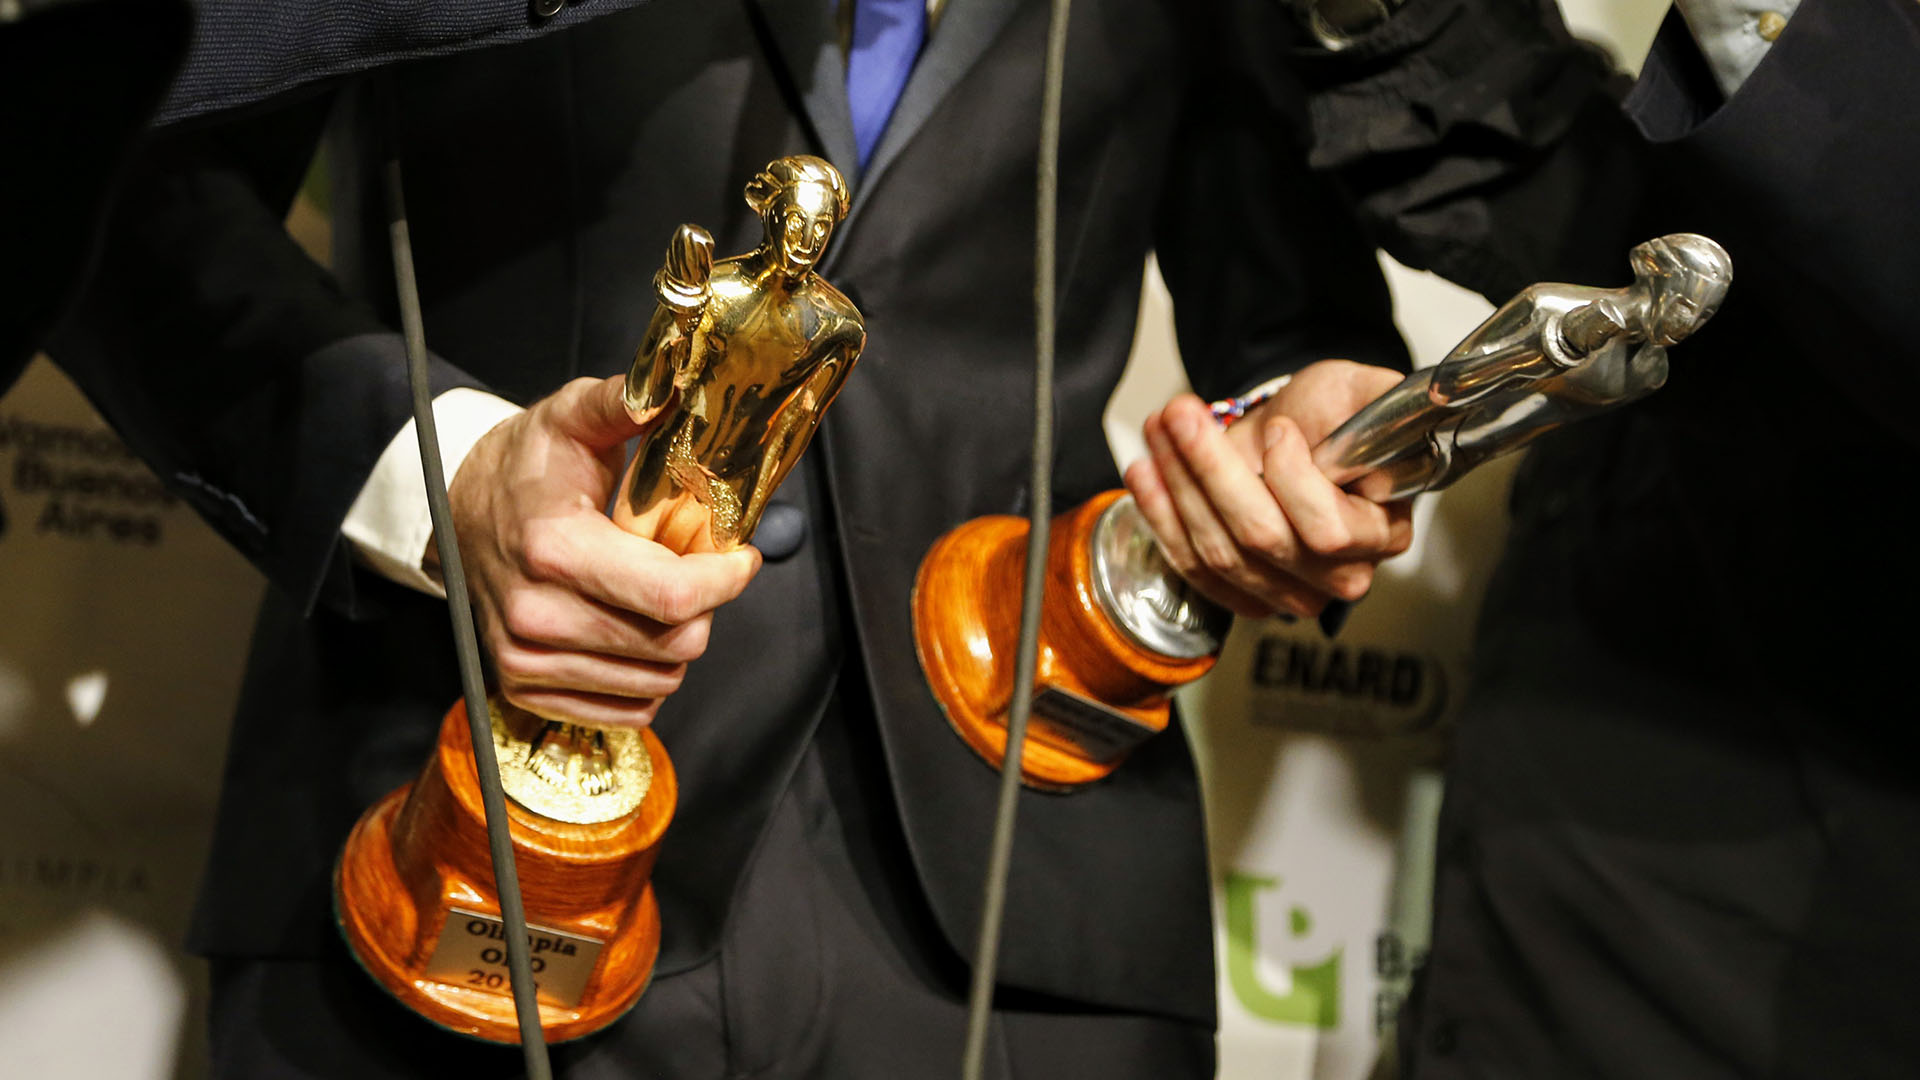 Los premios Olimpia que obtuvo Agustín Canapino